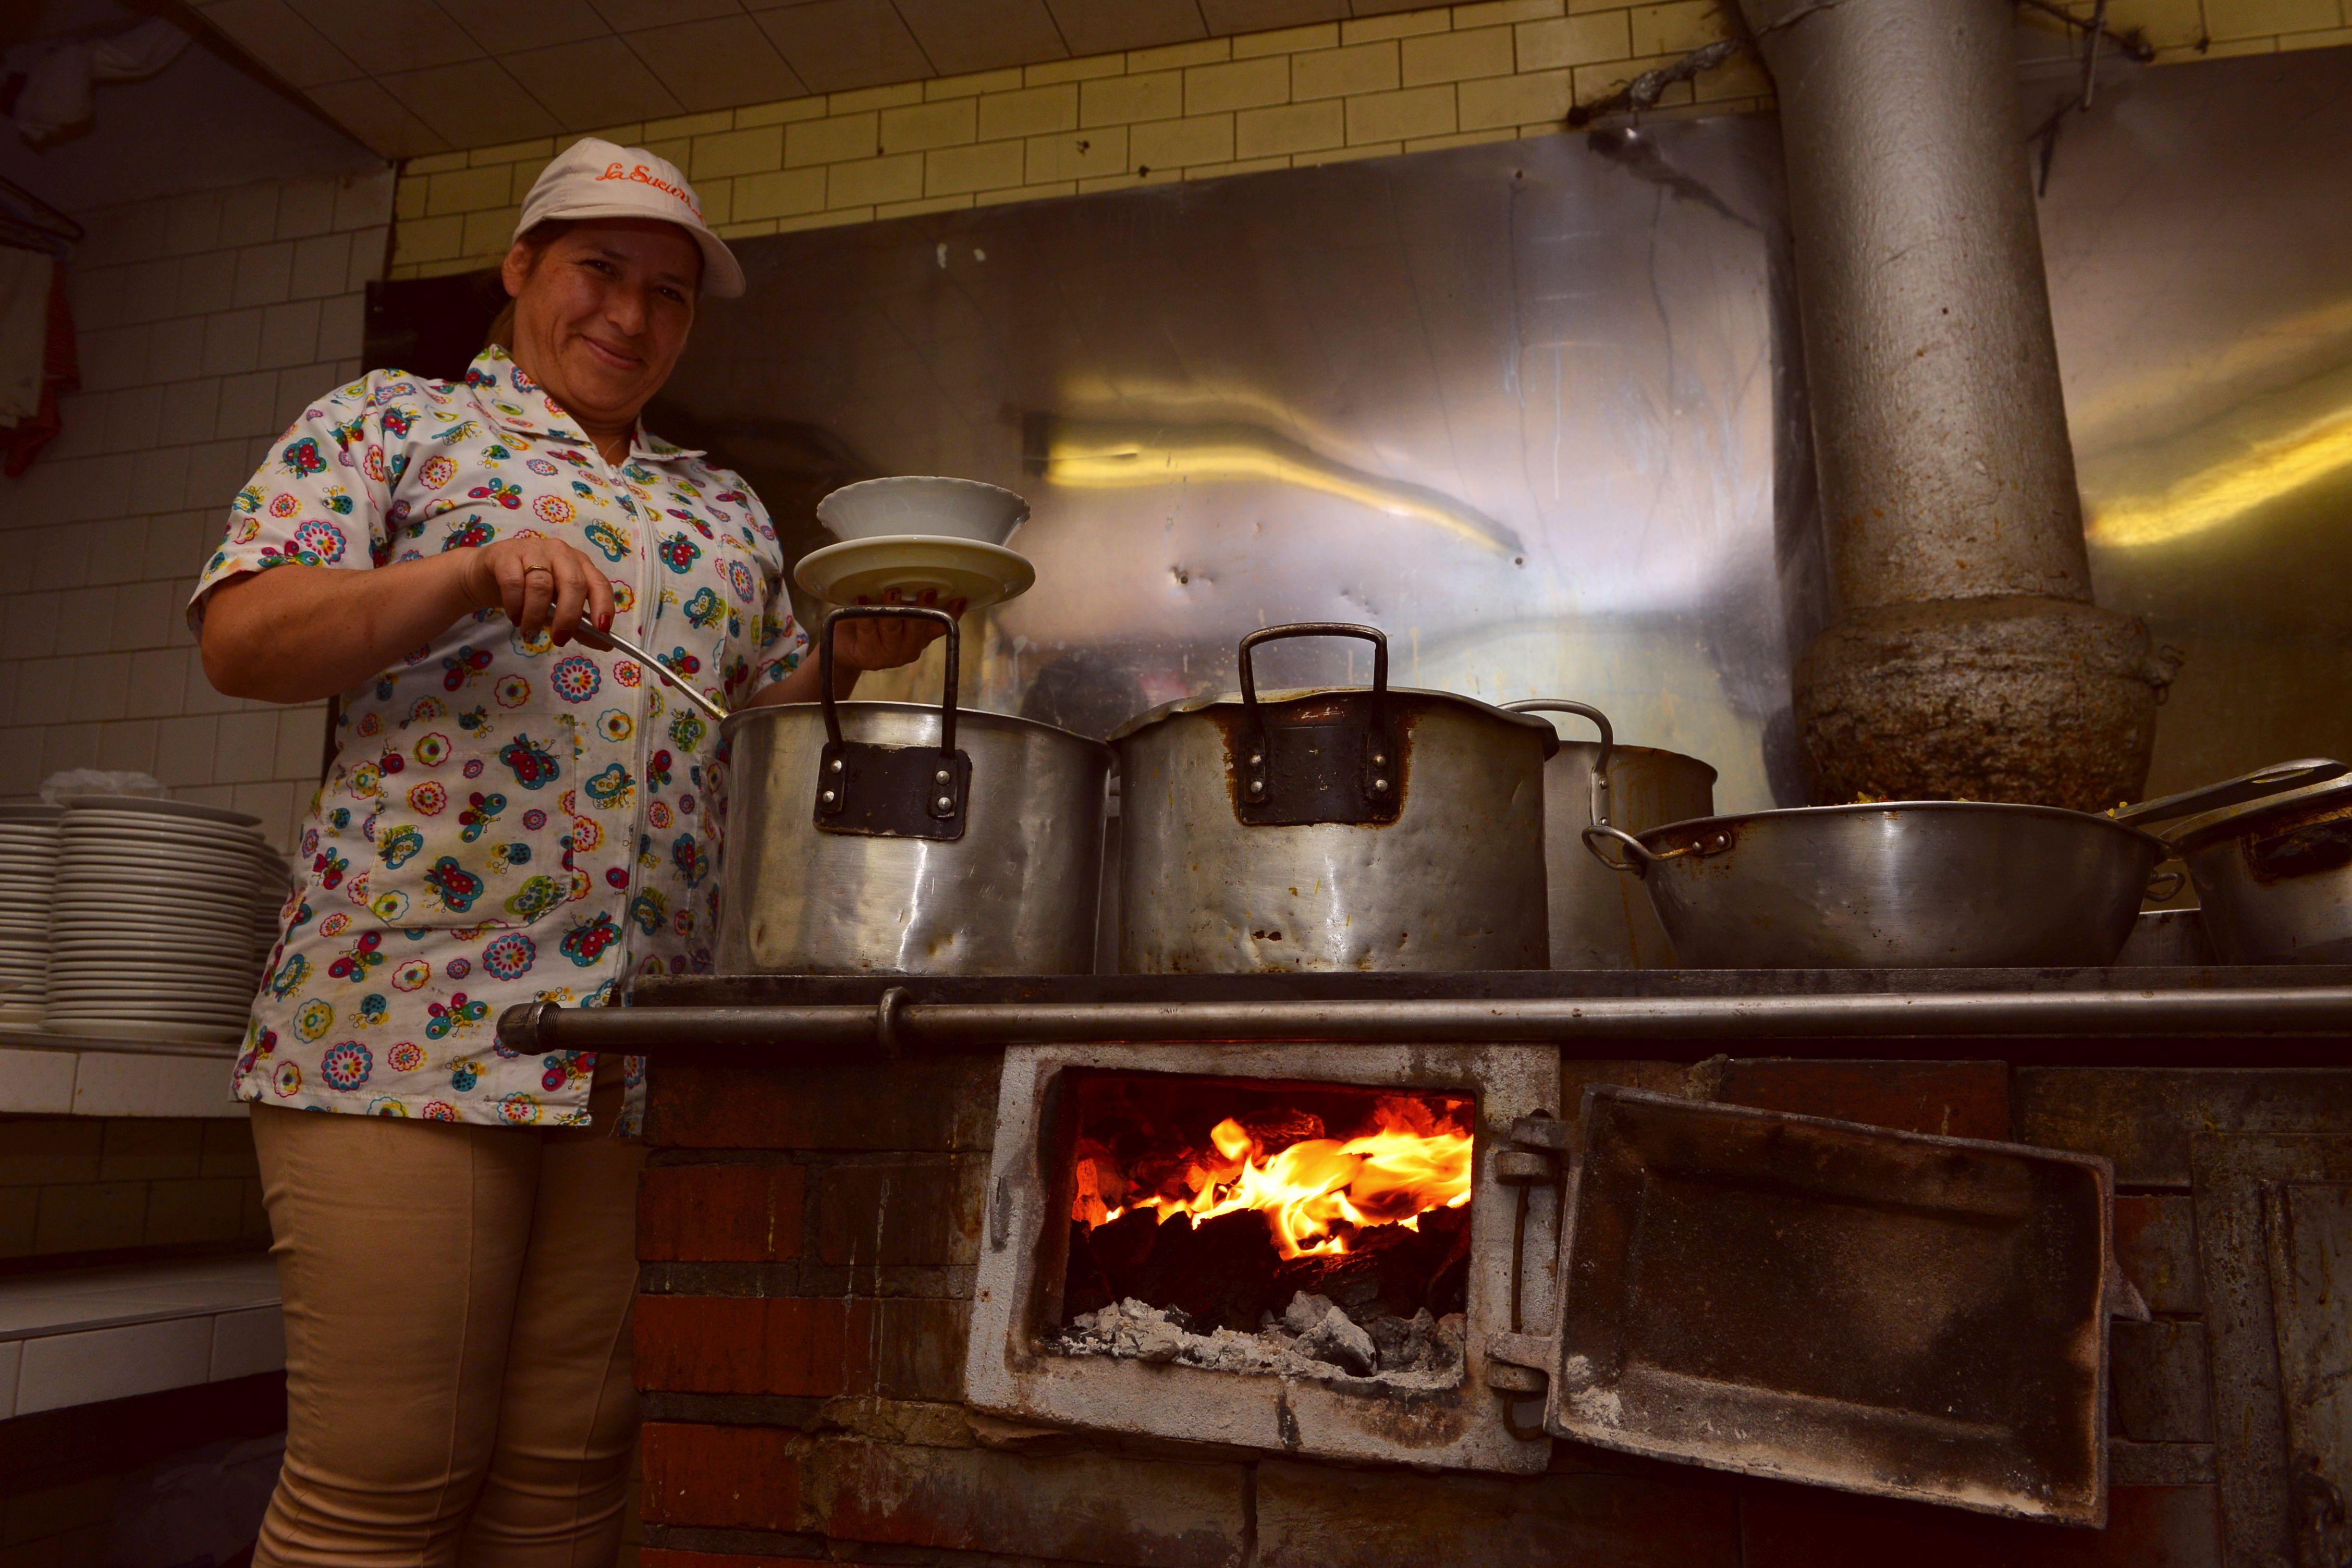 La estufa y el horno de carbón, dos de los bienes más preciados de La Sucursal